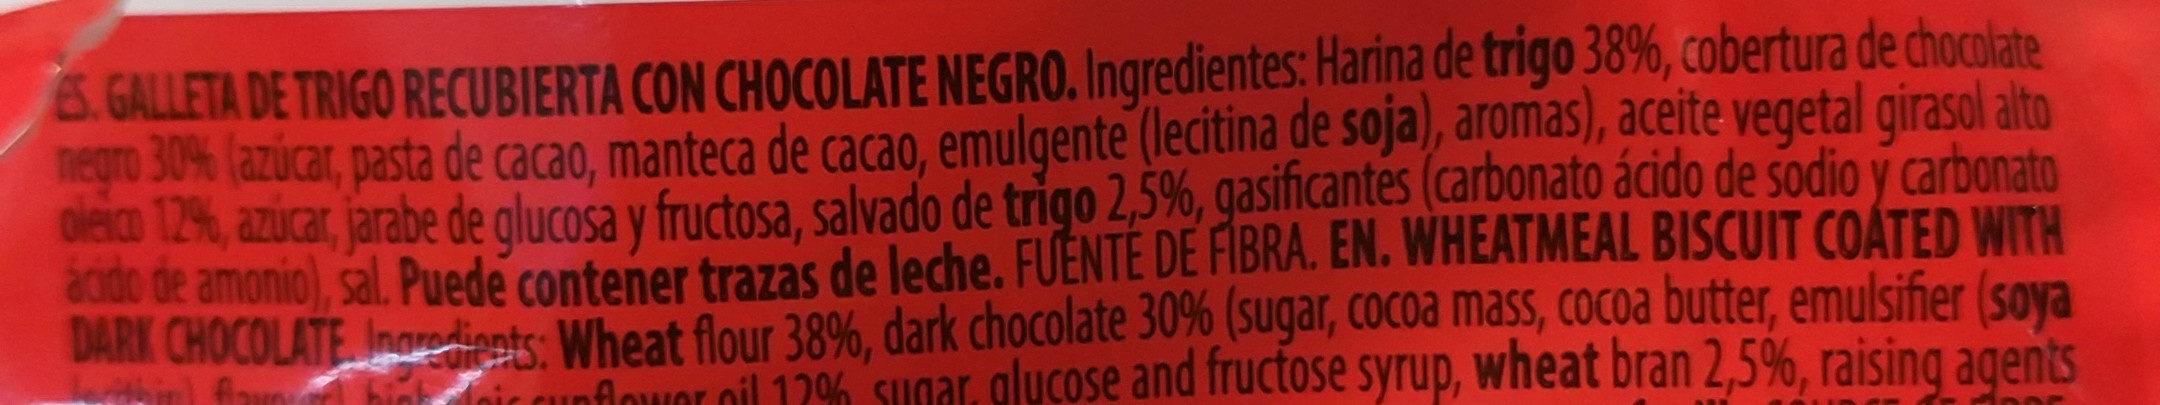 Mini Digestivechoco100g - Ingredients - es